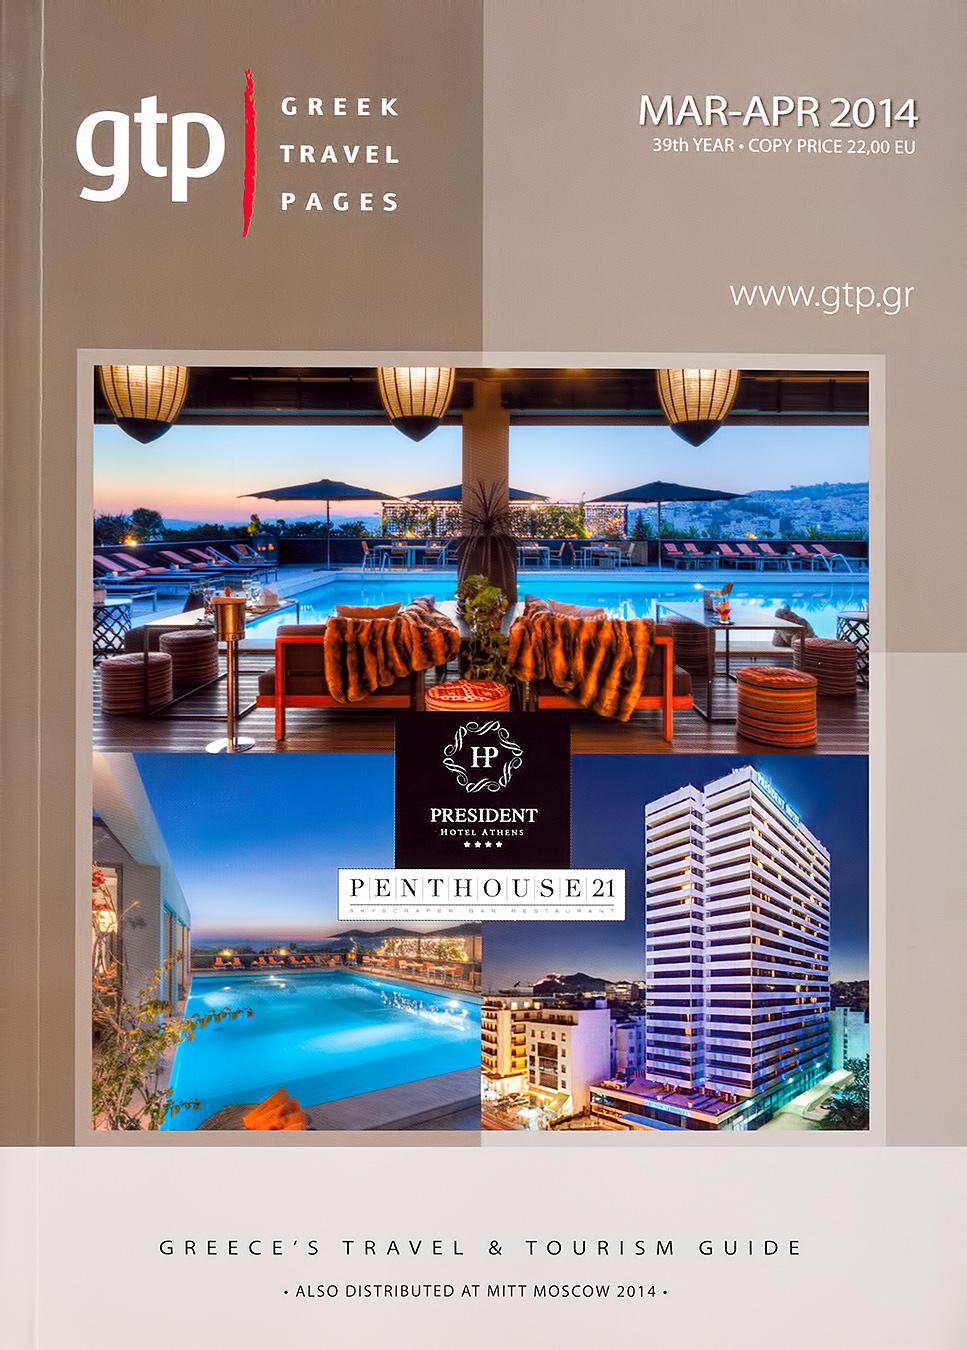 GTP GUIDE COVER, Γιώργος Φάκαρος - Αρχιτεκτονική Φωτογραφία | Εσωτερικοί Χώροι | Φωτογραφία Ξενοδοχειών - Photography / Φωτογραφία